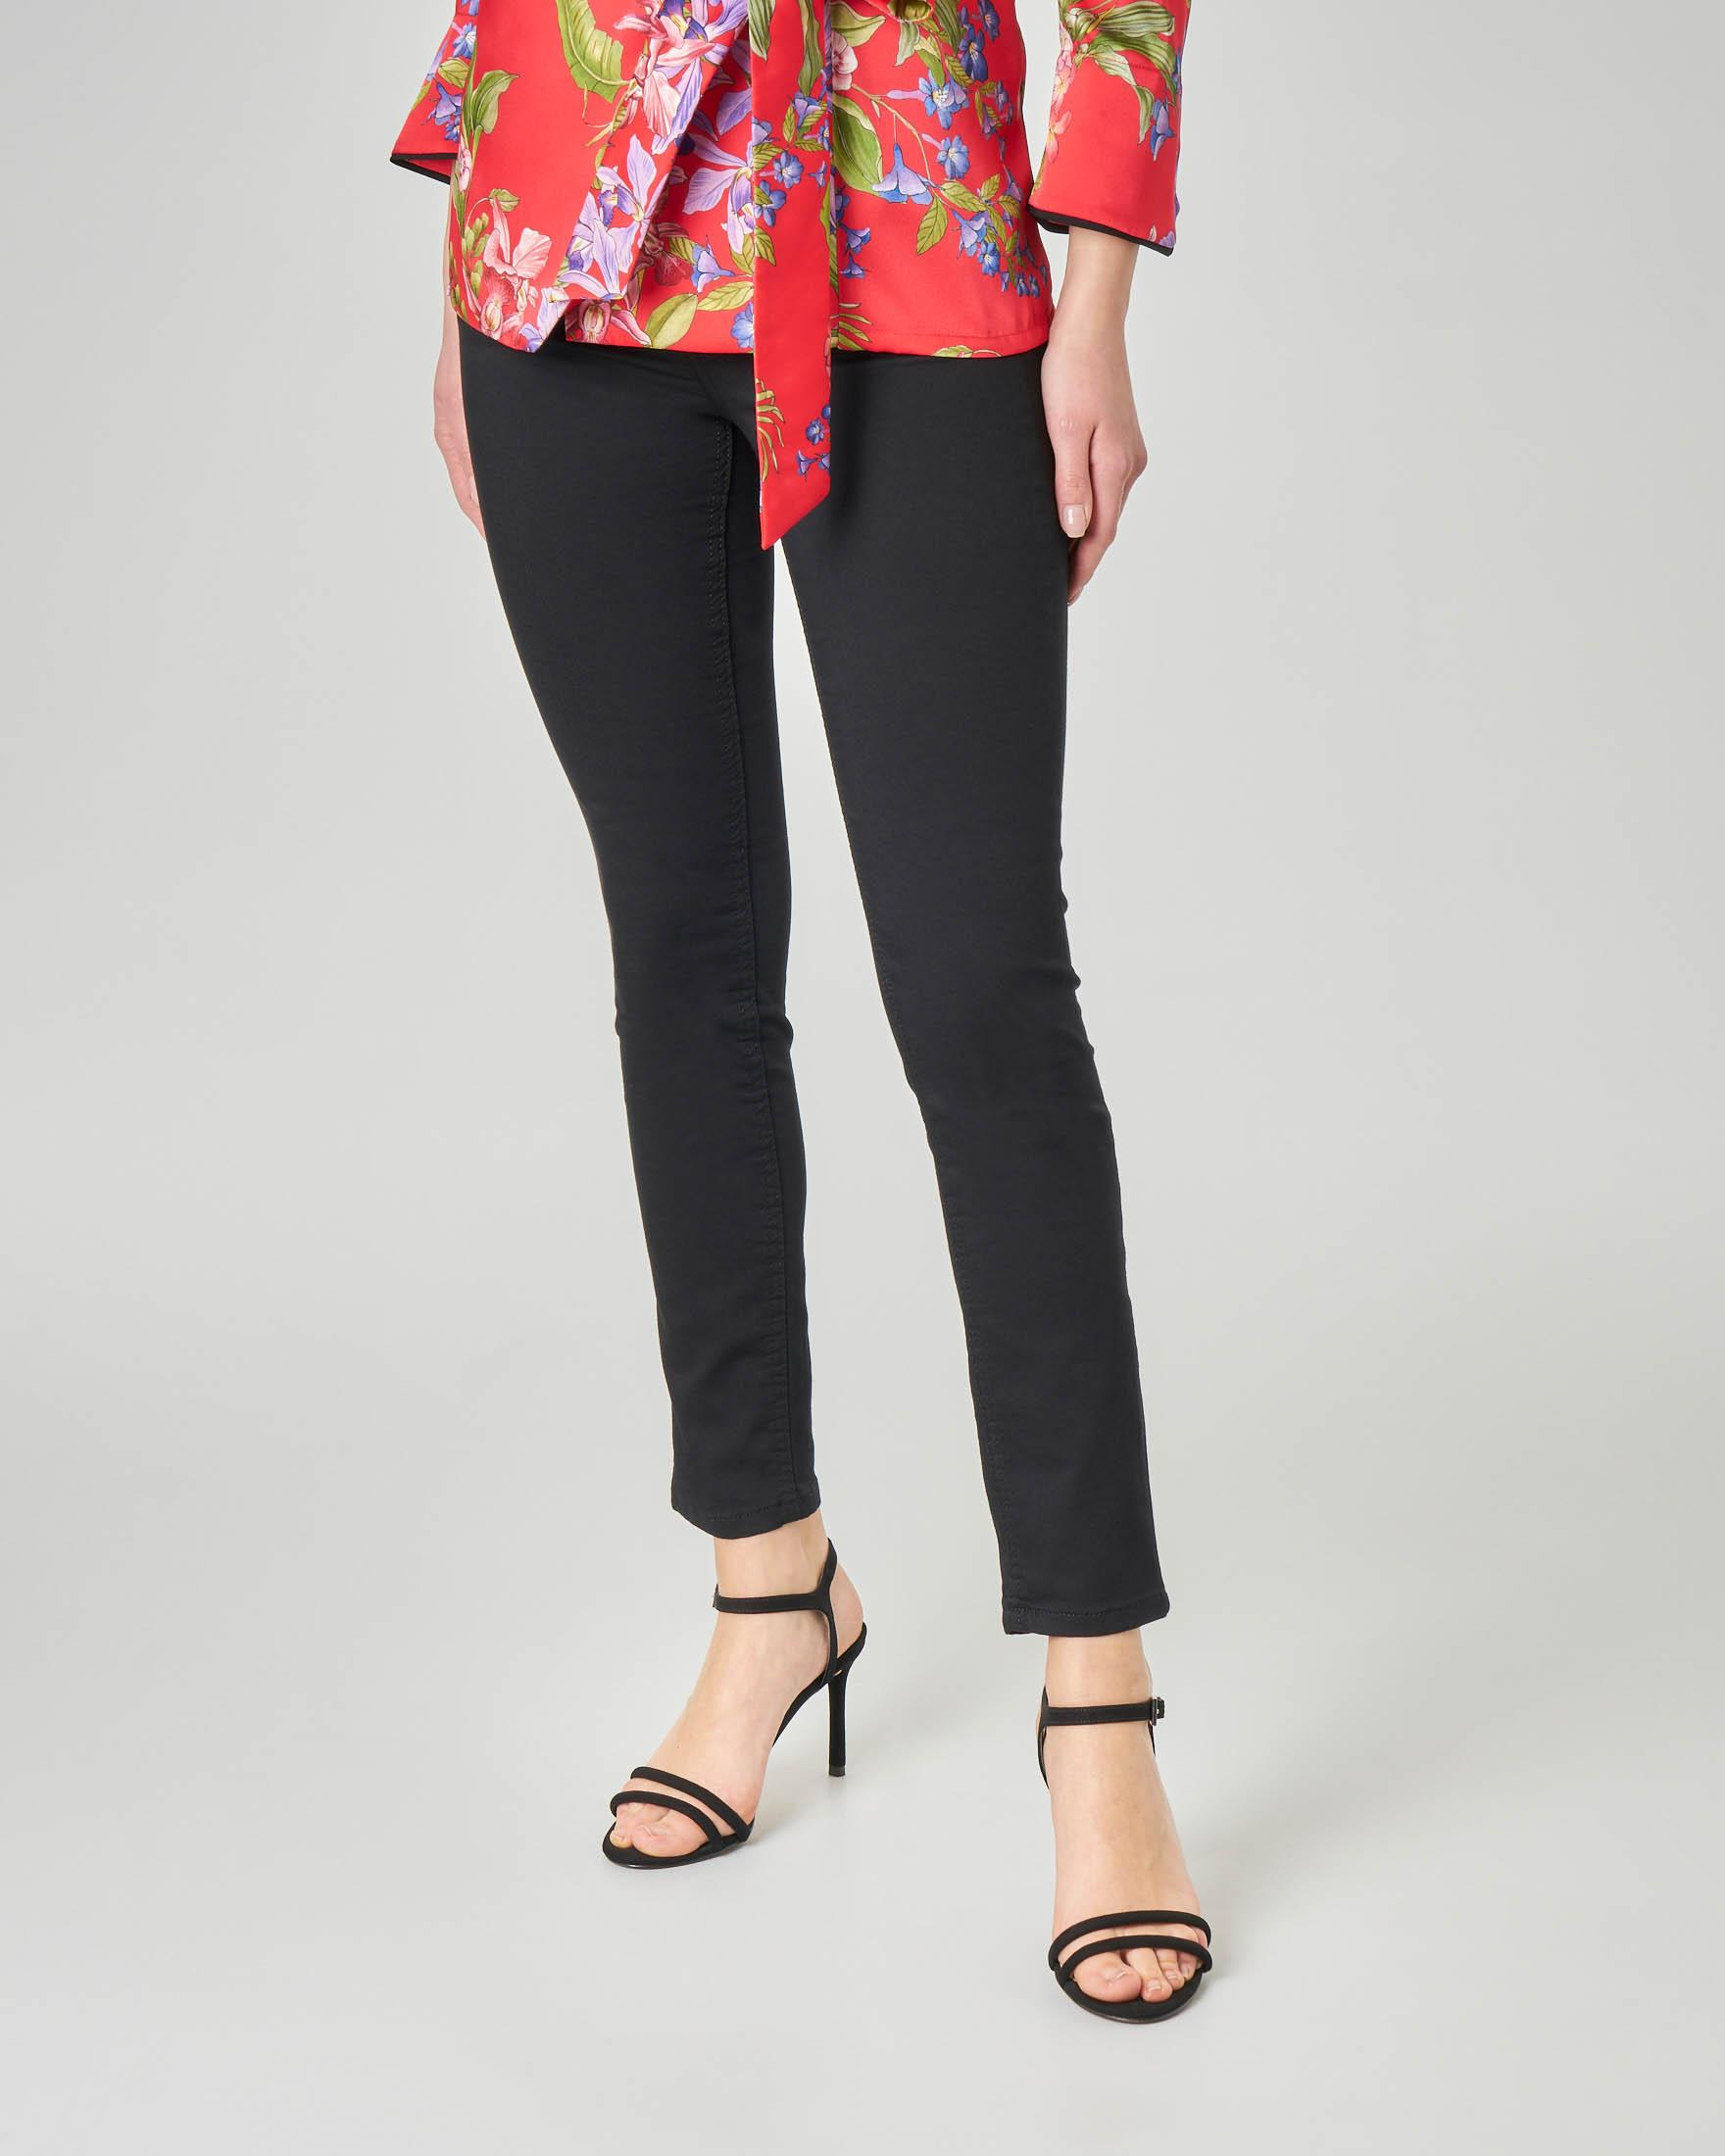 Pantalone cinque tasche neri in cotone elasticizzato vestibilità skinny